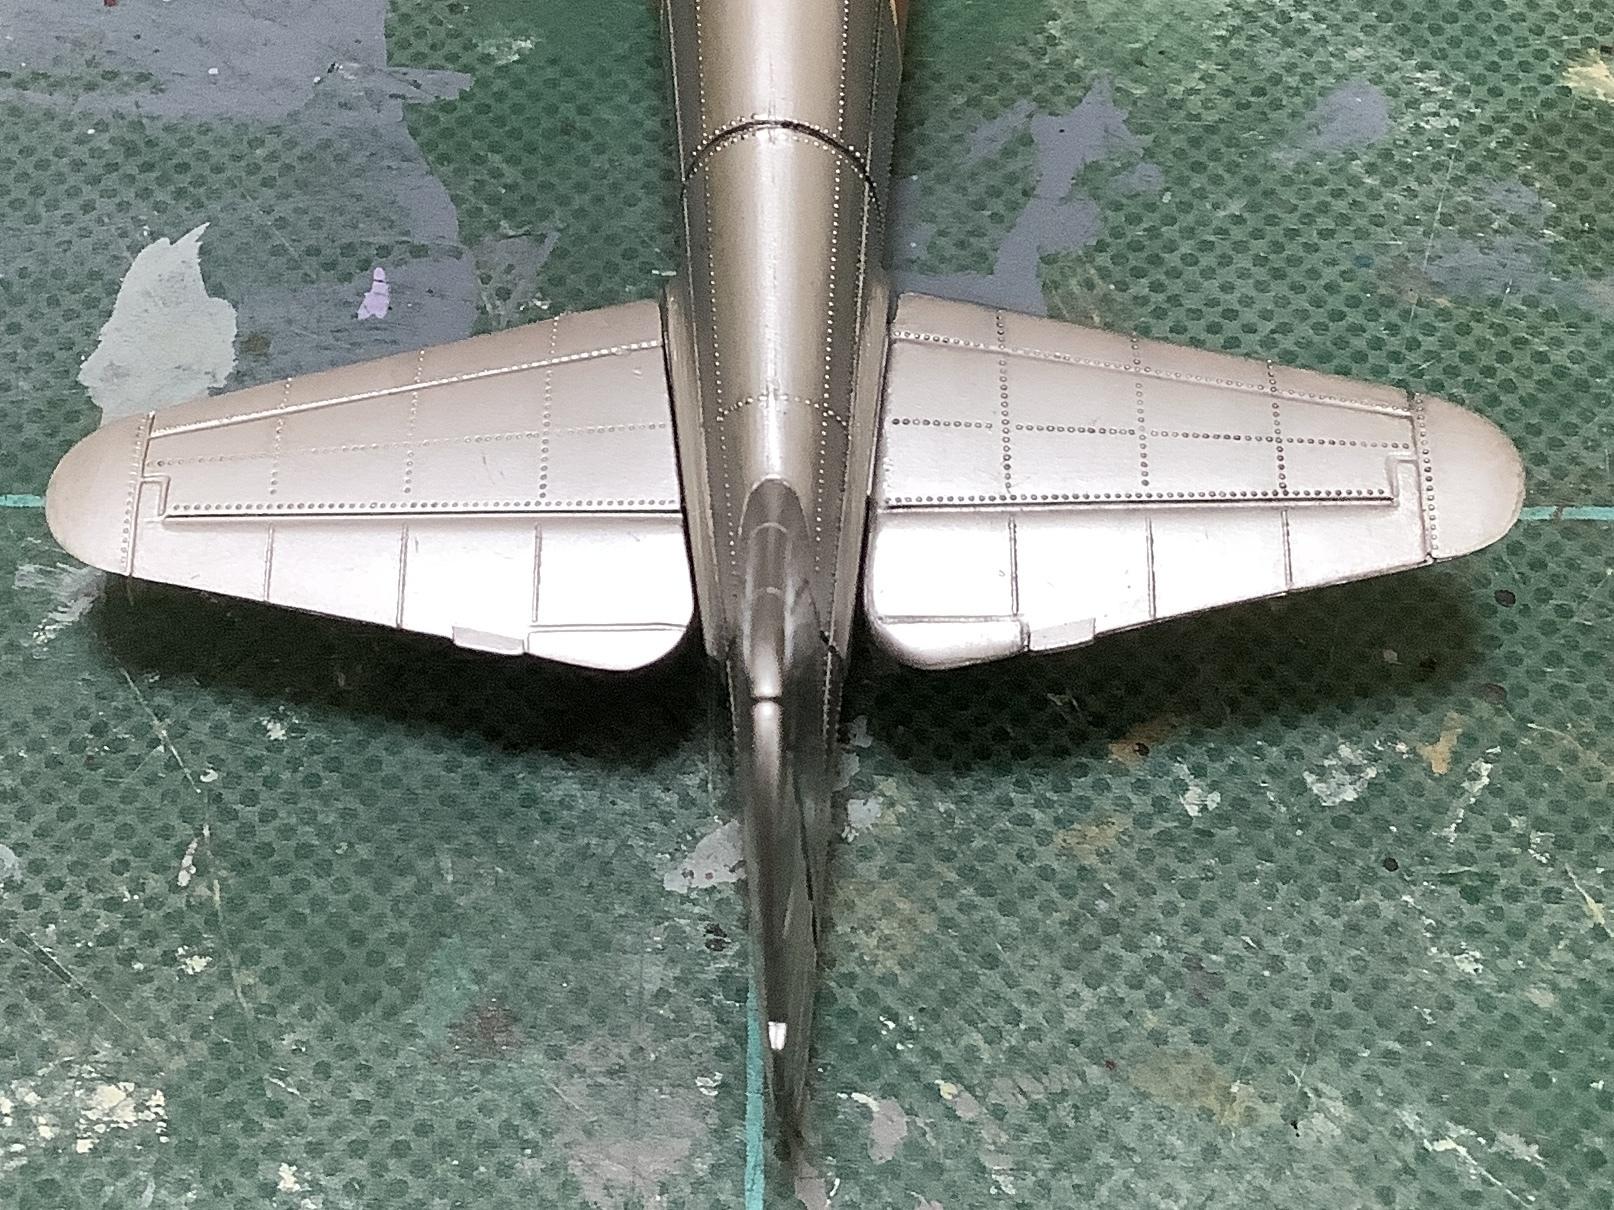 37105A87-FE9F-4E80-AE4B-B915A260F8F6.jpeg